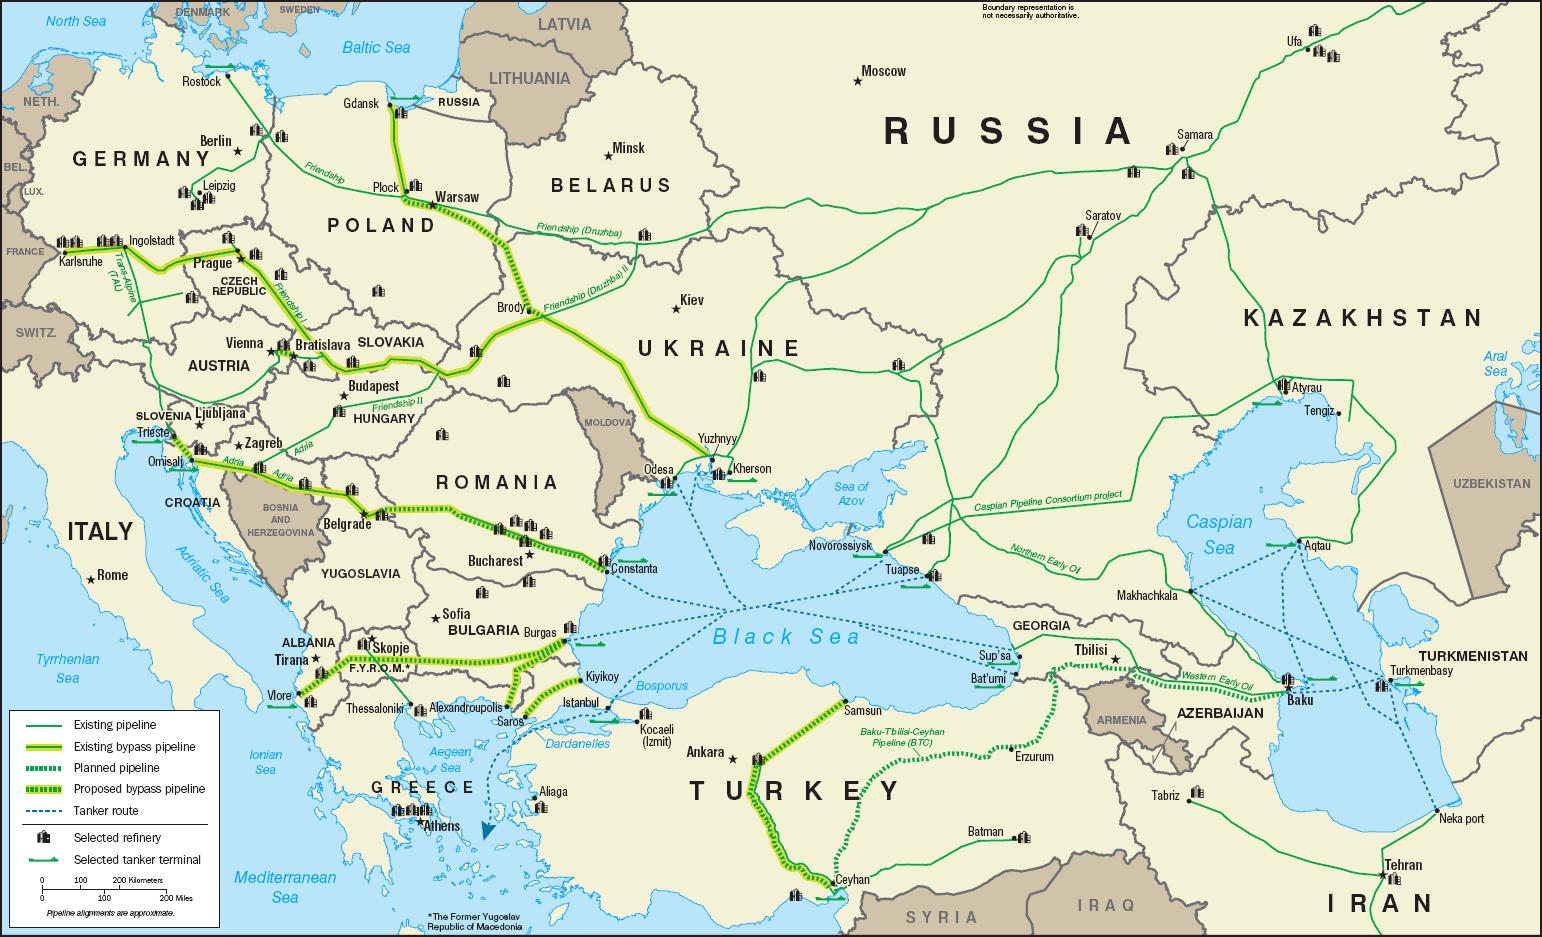 Oil_pipelines_in_Europe